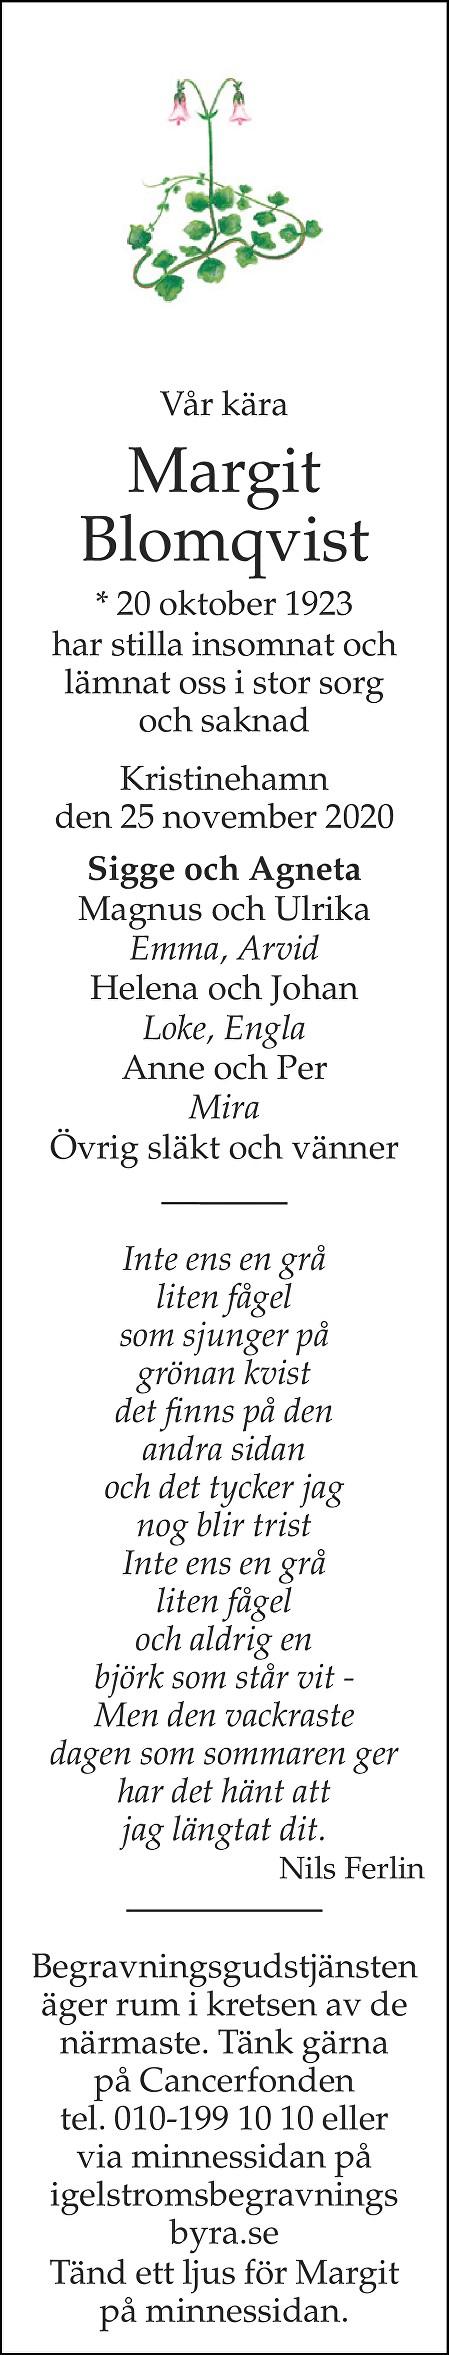 Margit Blomqvist Death notice